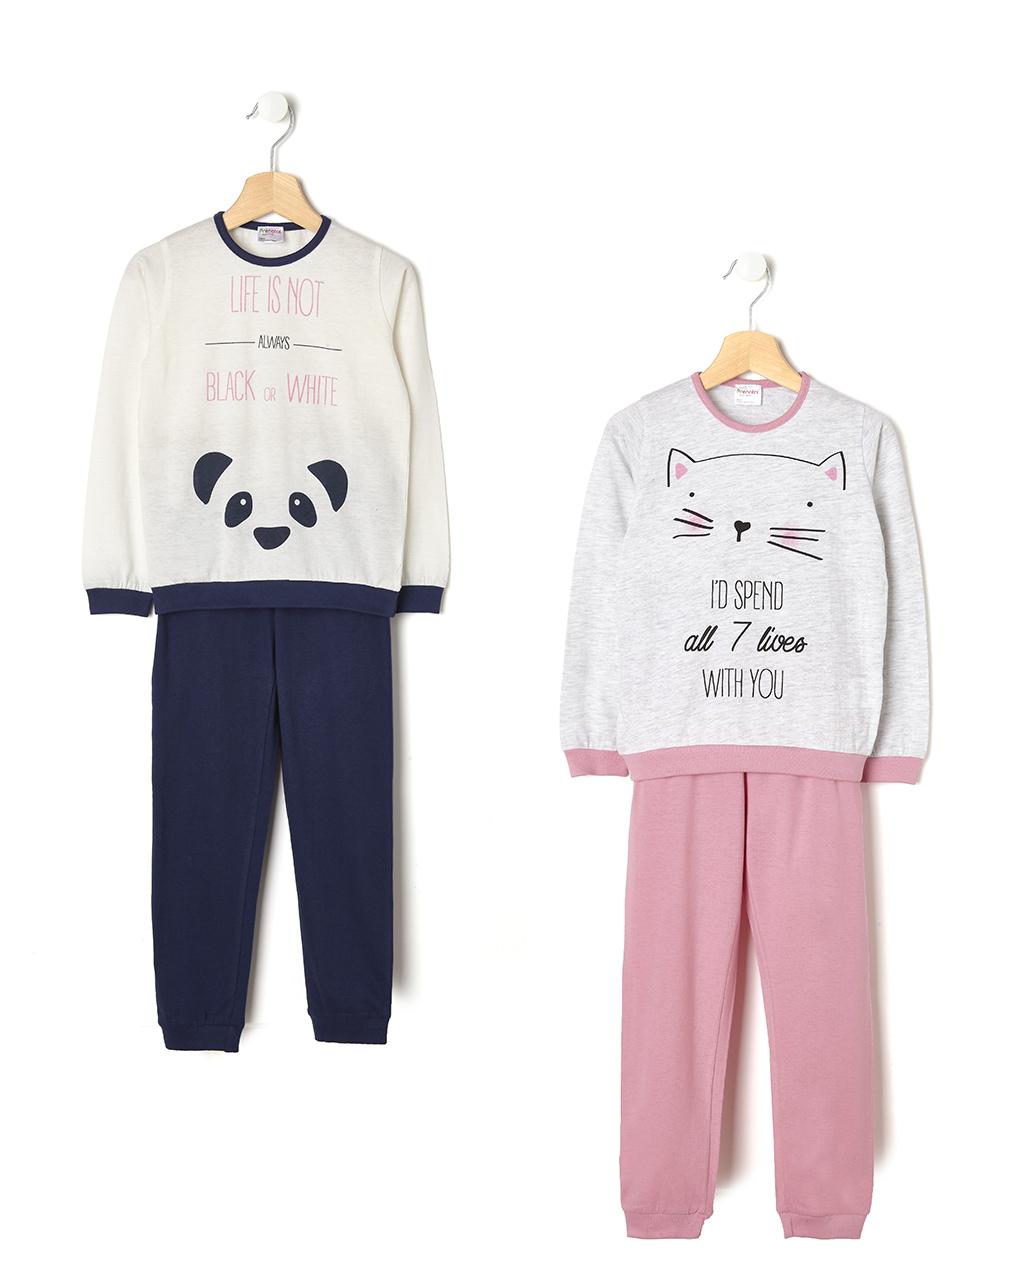 7193144c85 Pack 2 pigiami con panda e gatto - BAMBINO 3-8, Abbigliamento ...